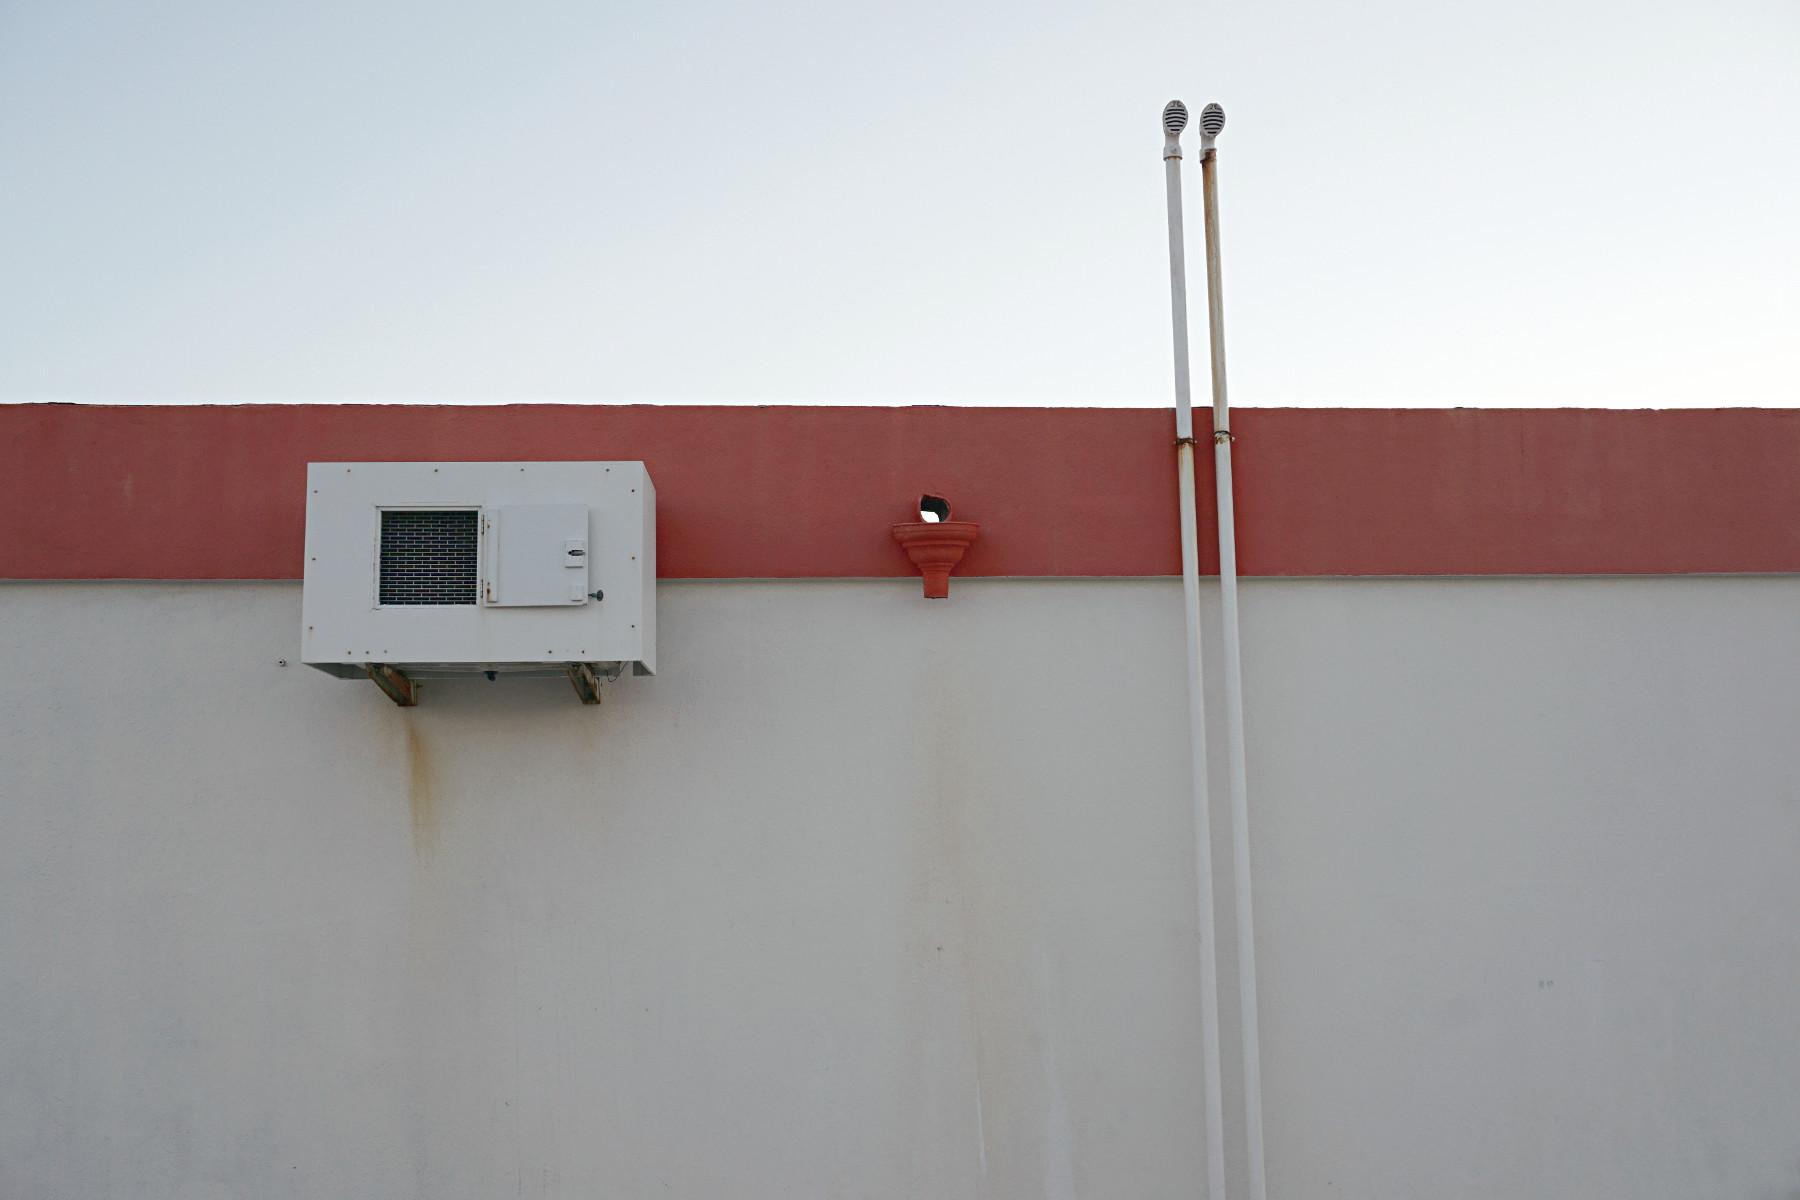 Rückseite einer Bootstankstelle